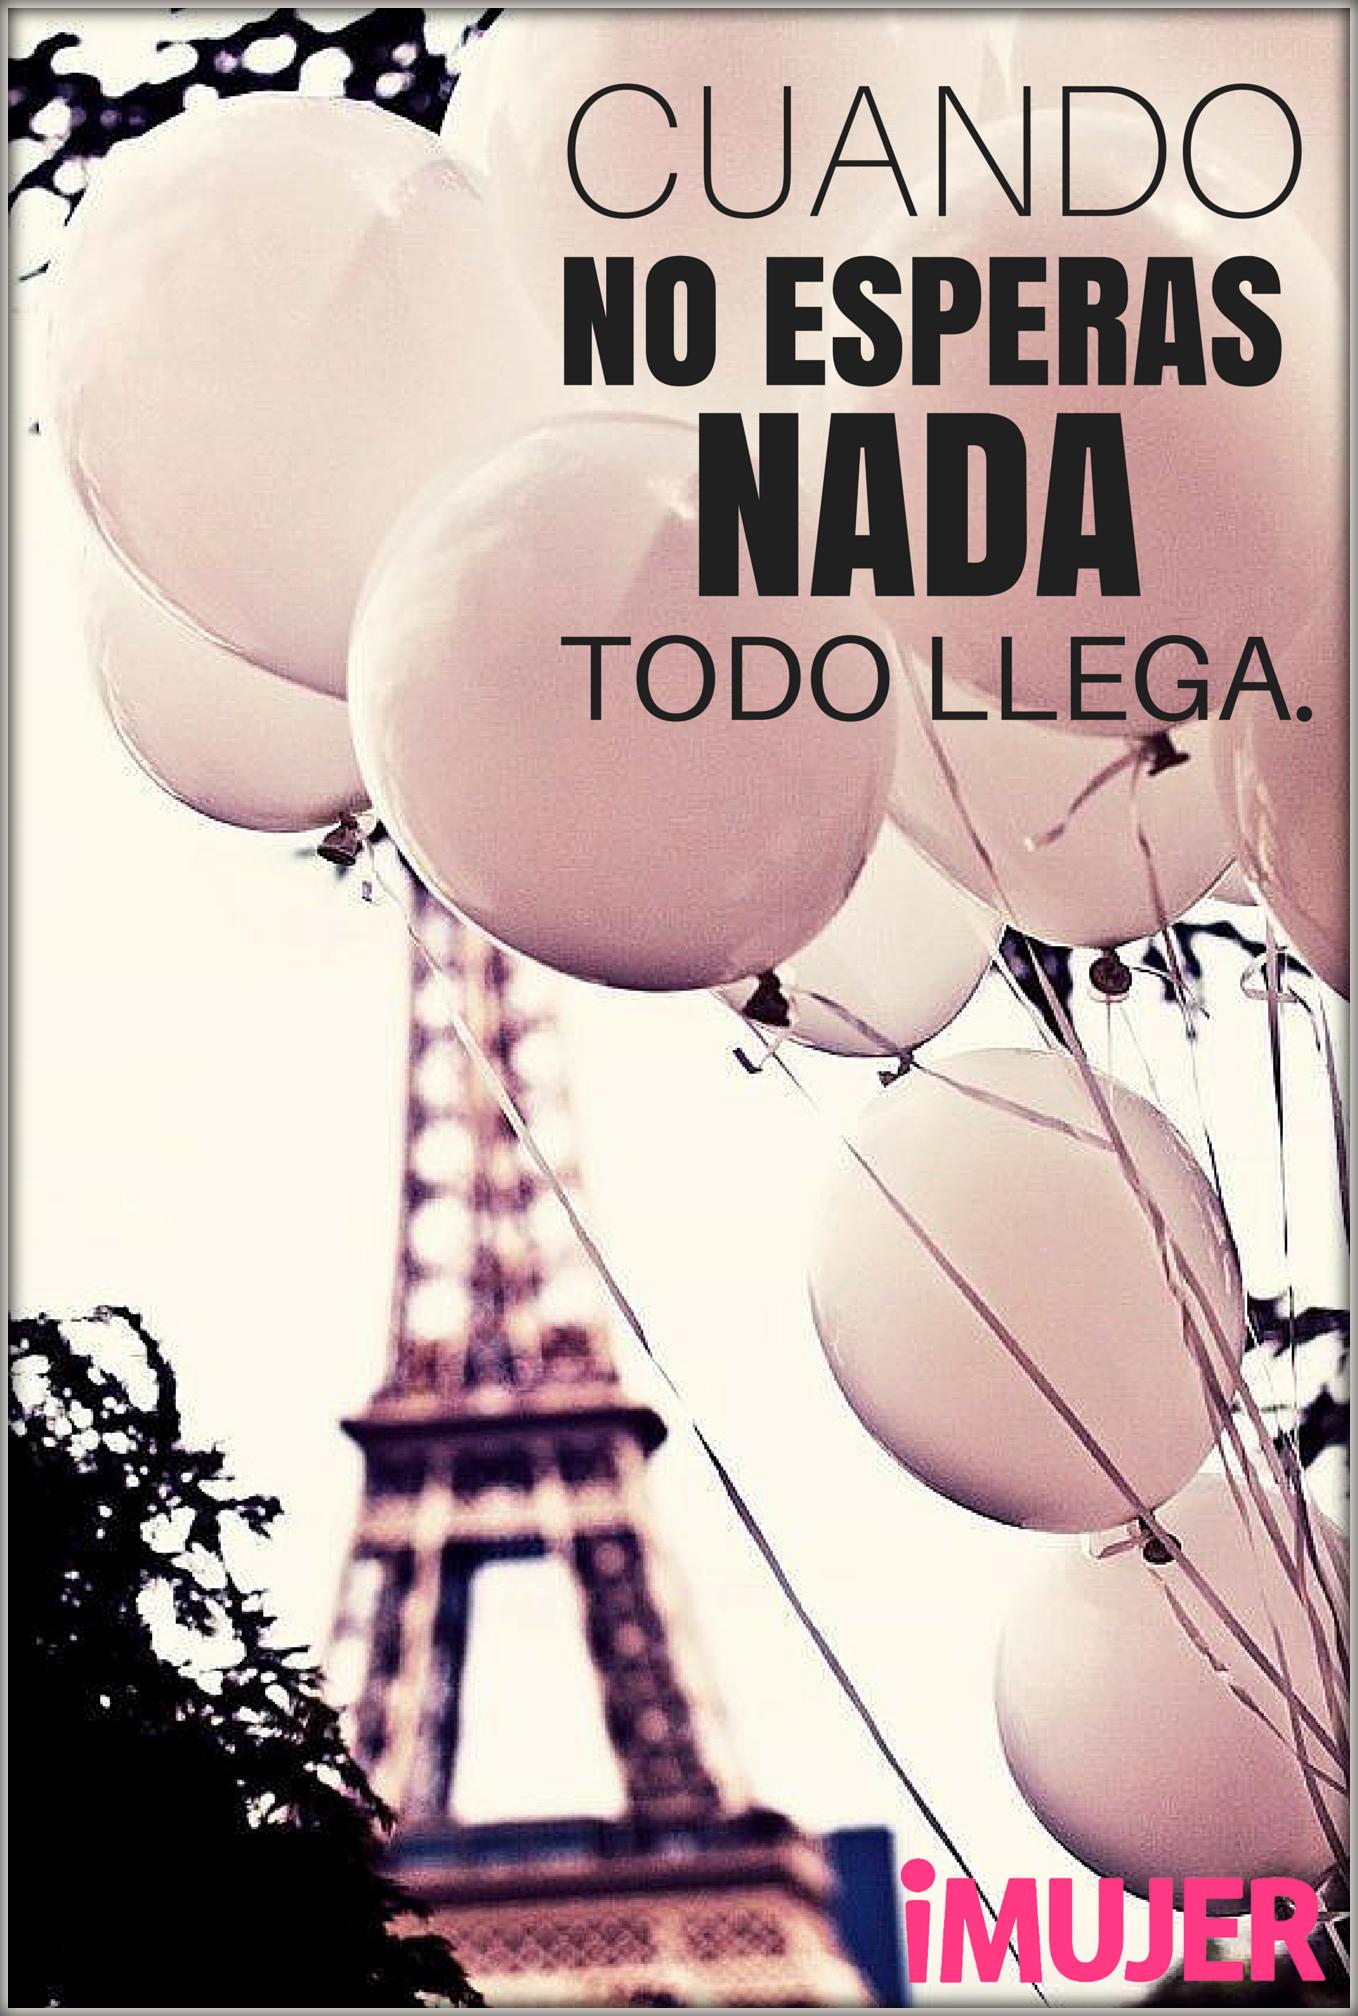 #Frases Cuando no esperas nada todo llega.